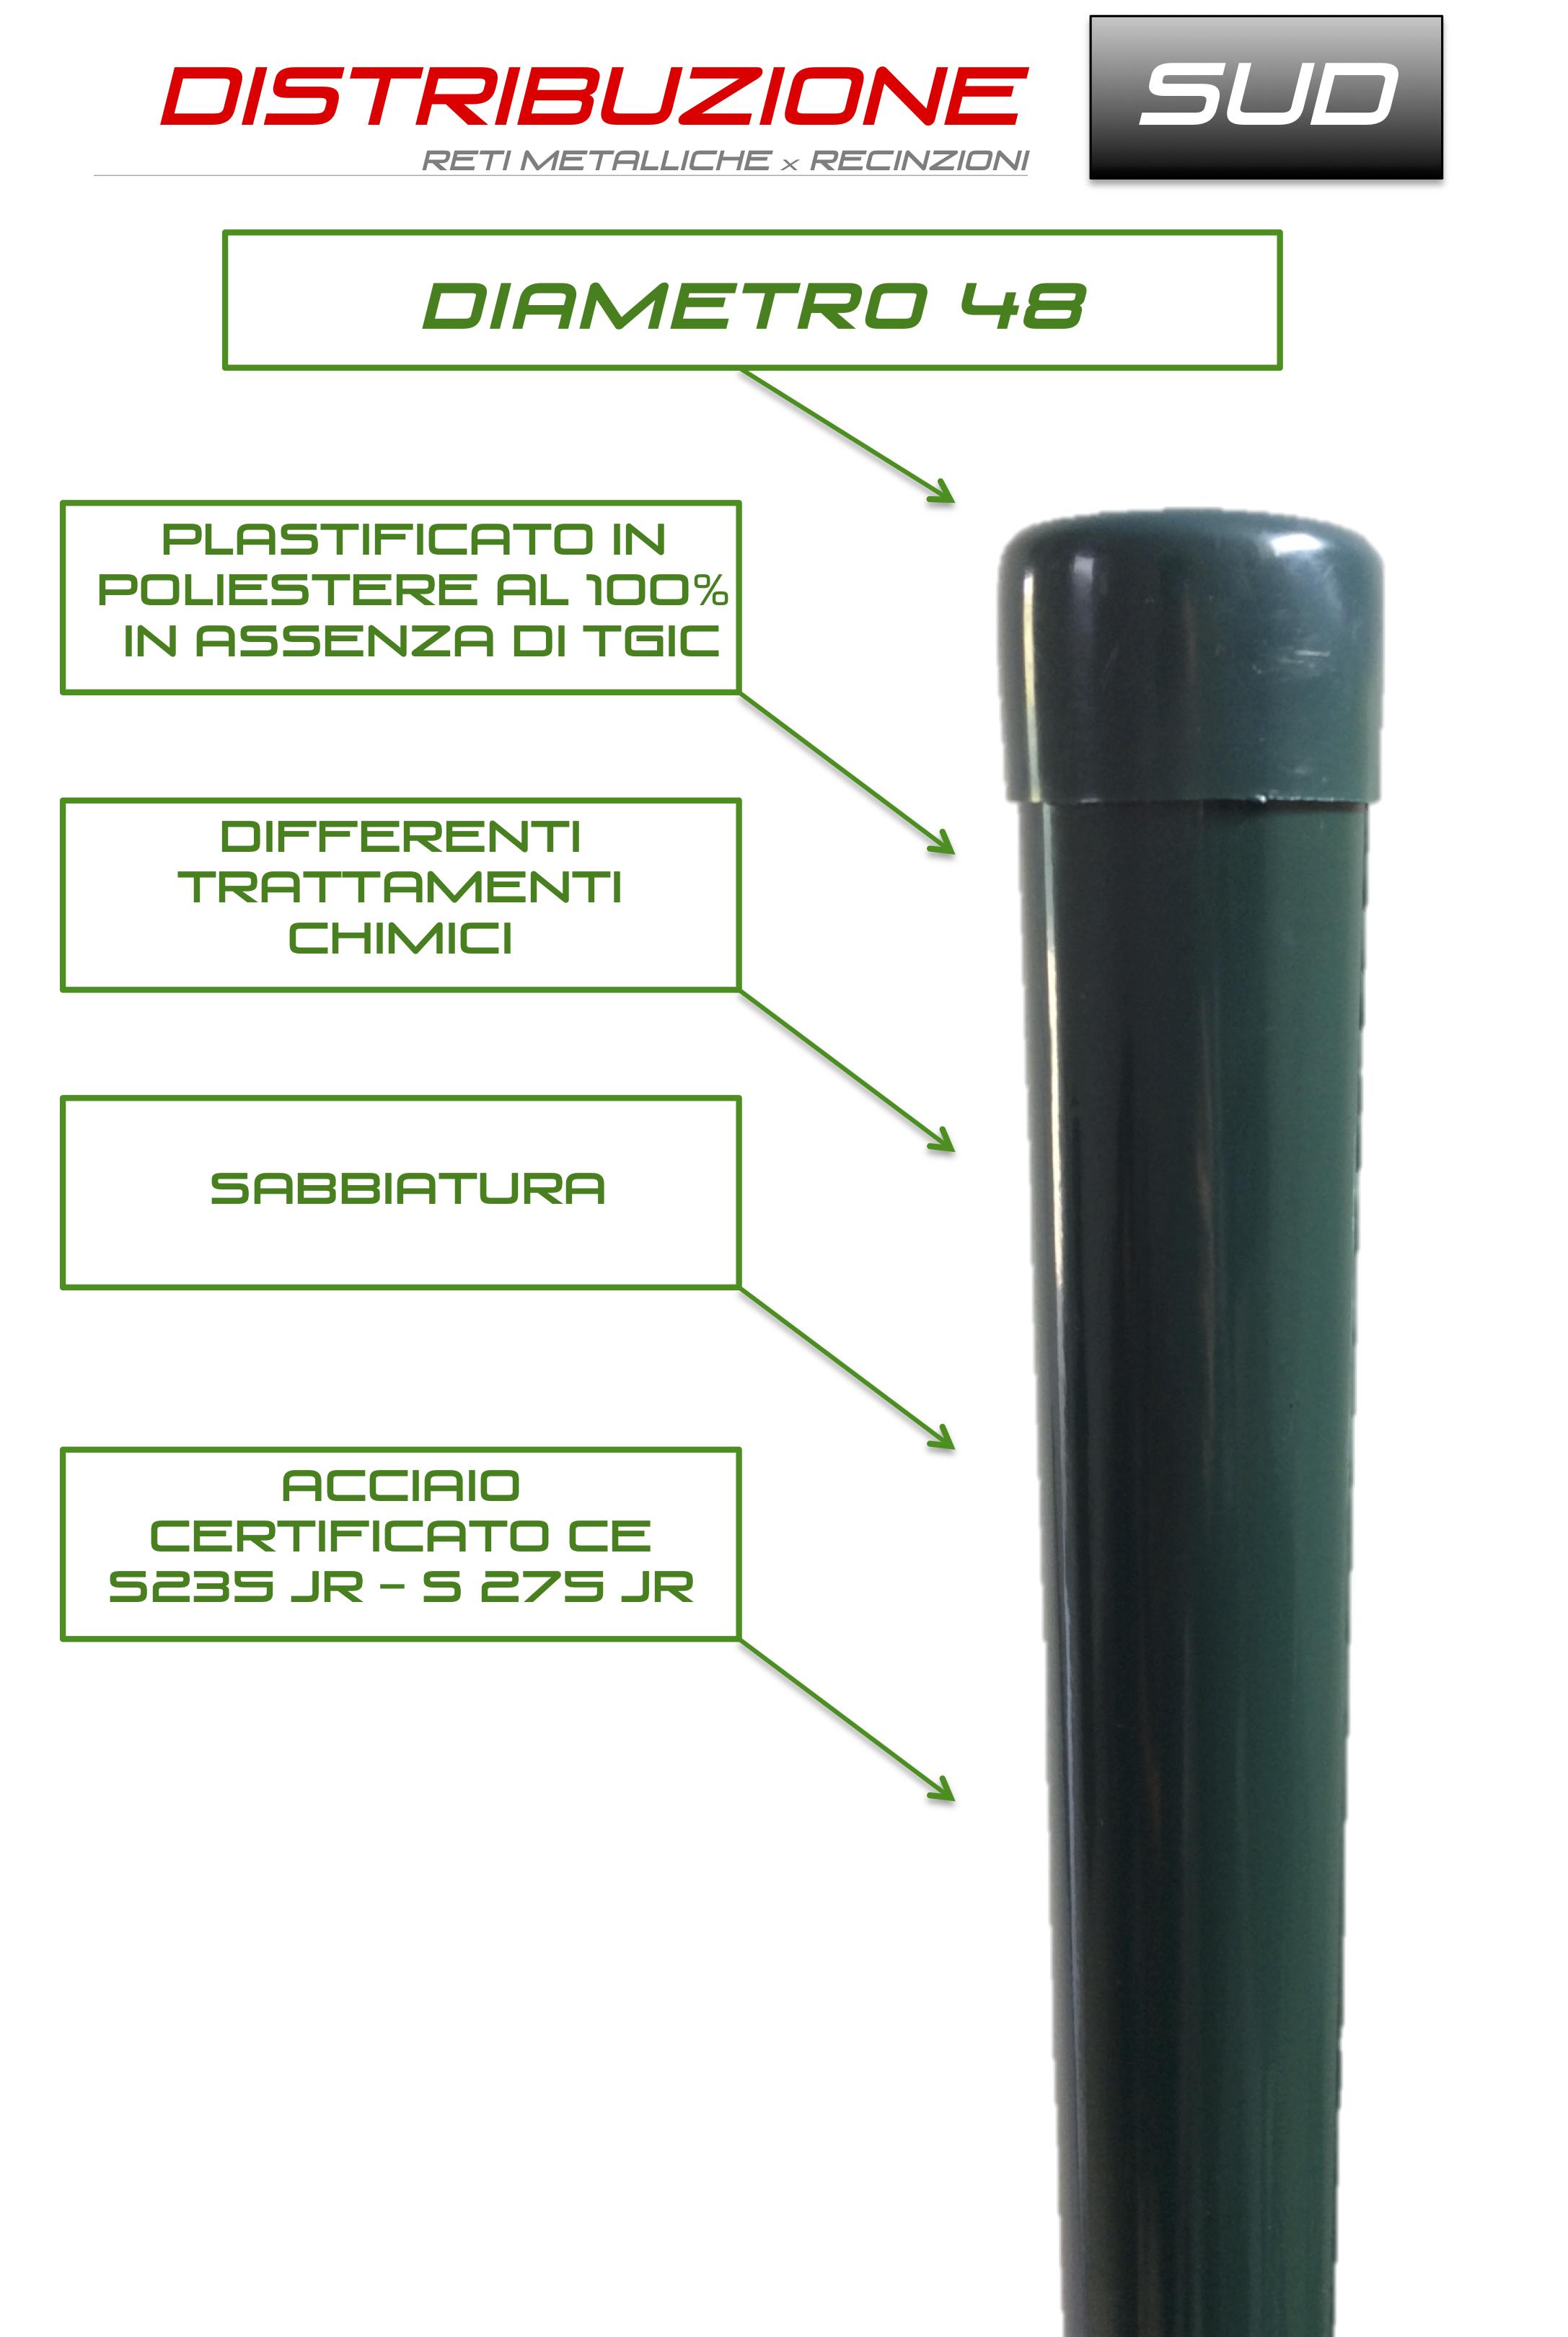 trattamenti chimici palo verde tubo